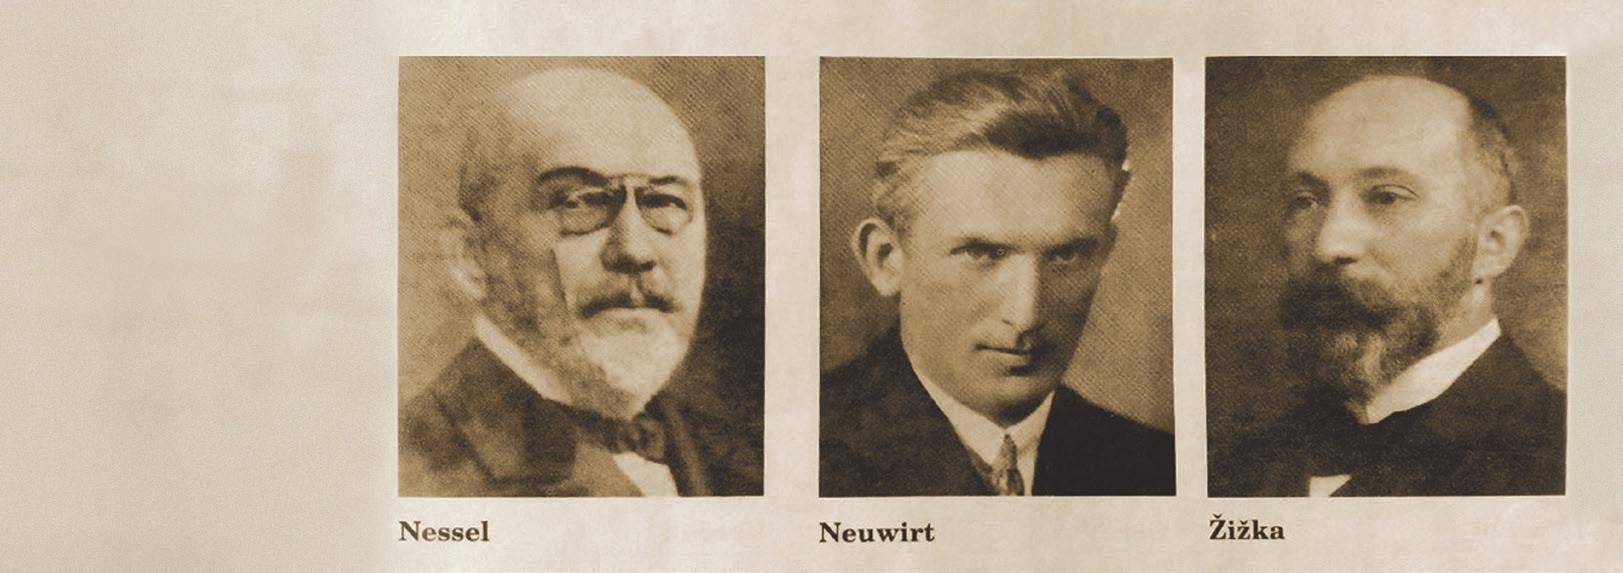 Vedoucí redaktoři časopisu Zubní lékařství: Eduard Nessel, František Neuwirt, Josef Žižka.